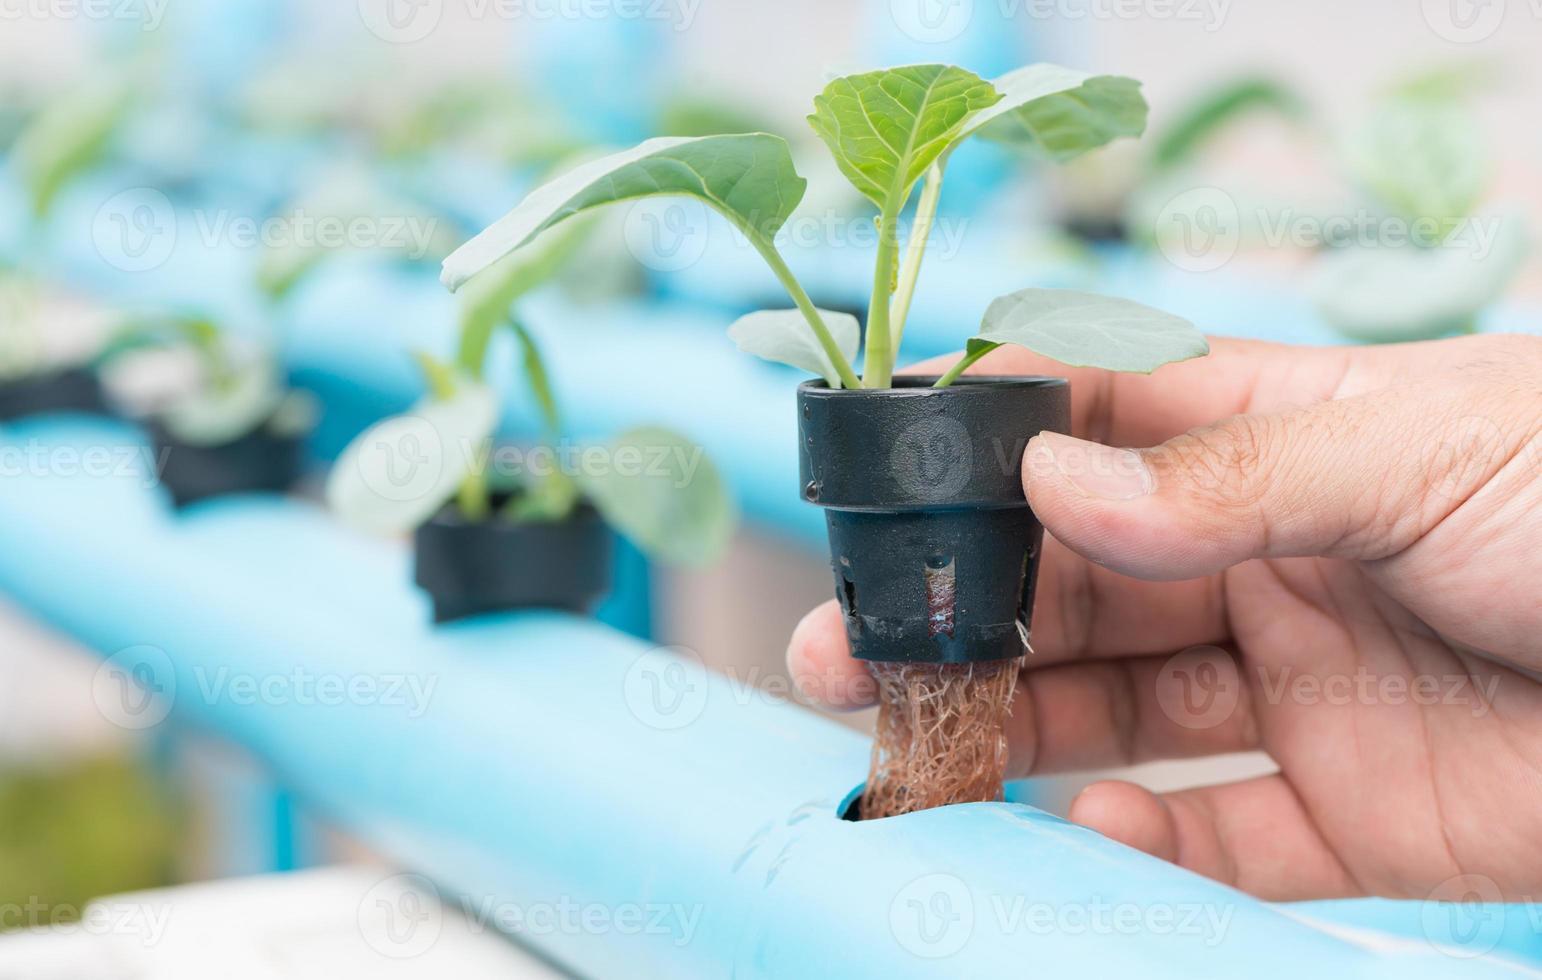 Gemüse Hydroponik Farm foto